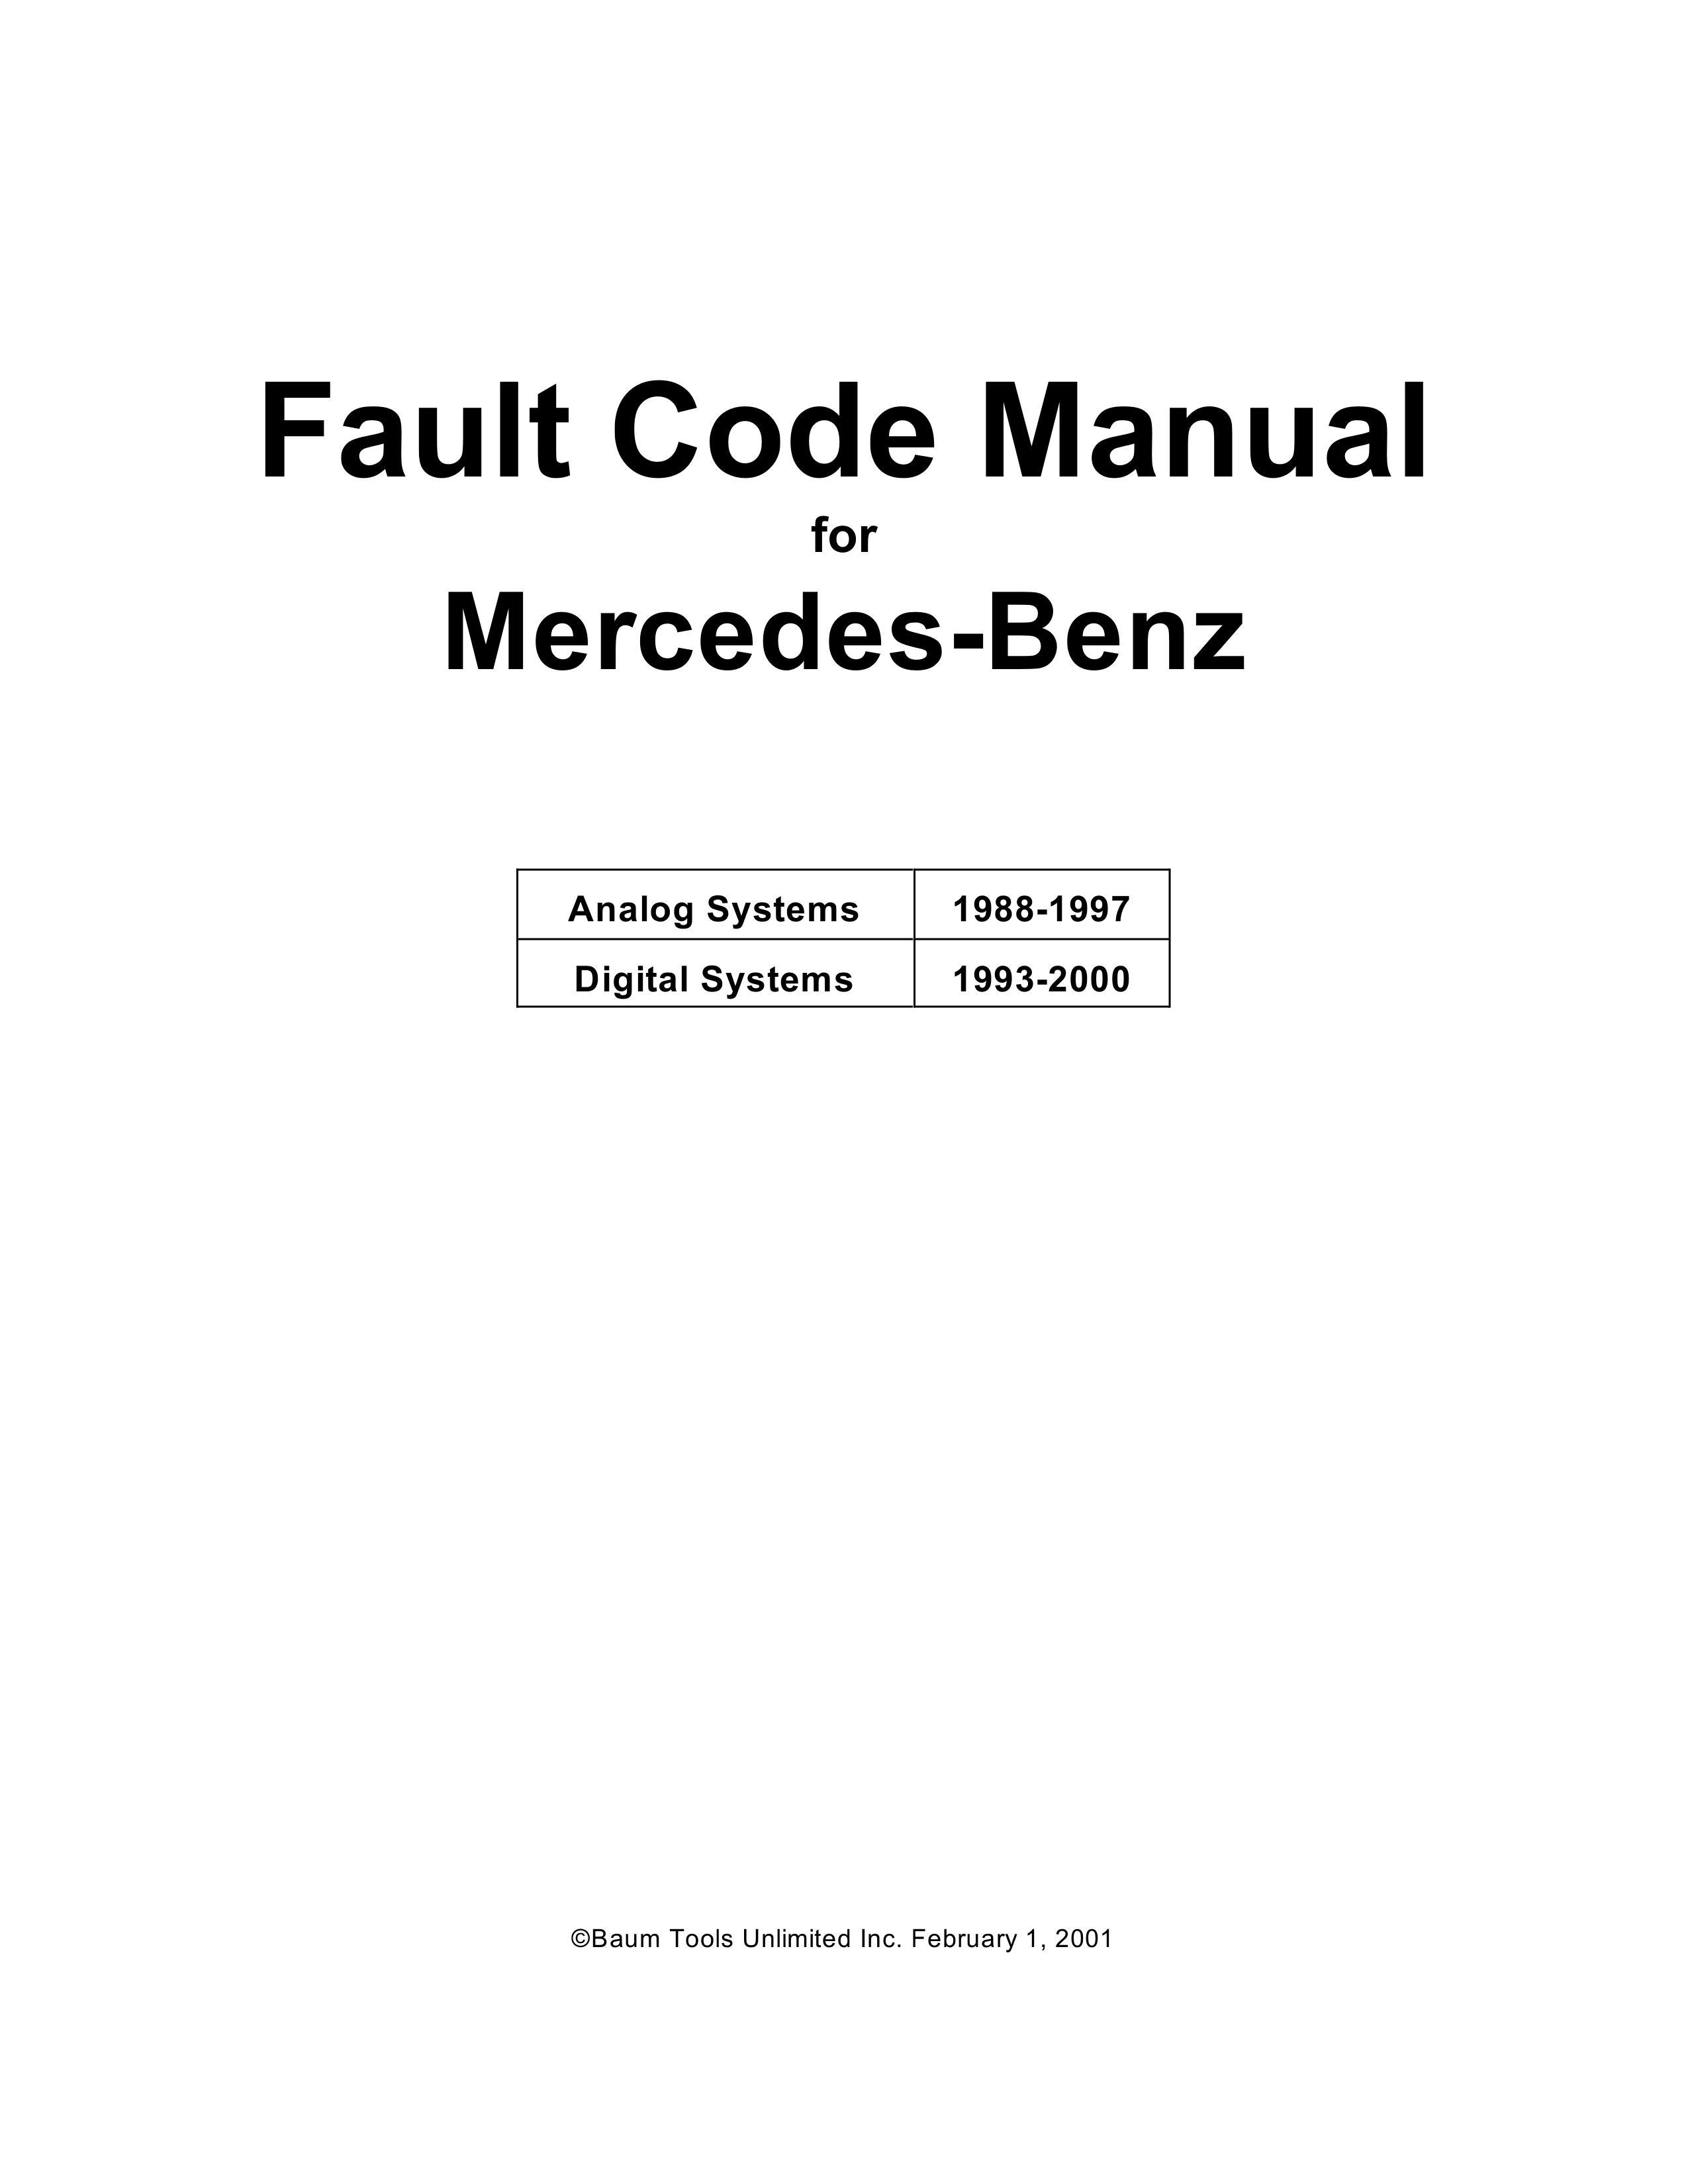 (AJUDA GERAL): Manual de códigos das falhas - analógico e digital - 1988 a 2000 0001_237